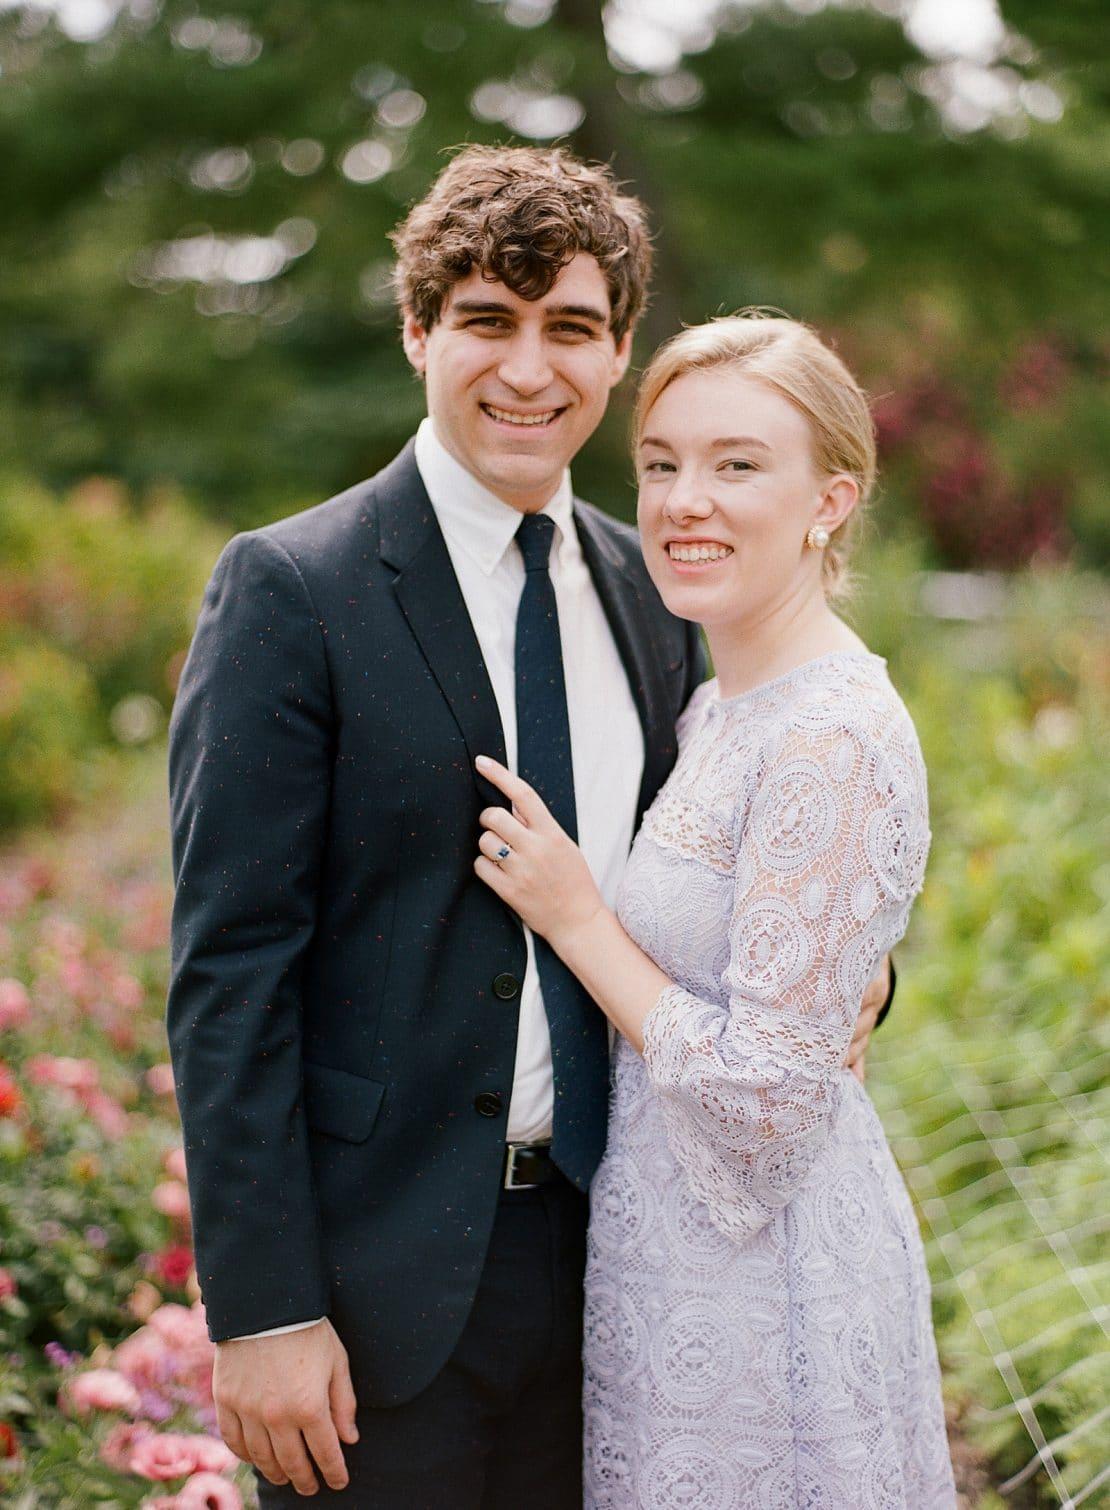 Katie & Bret